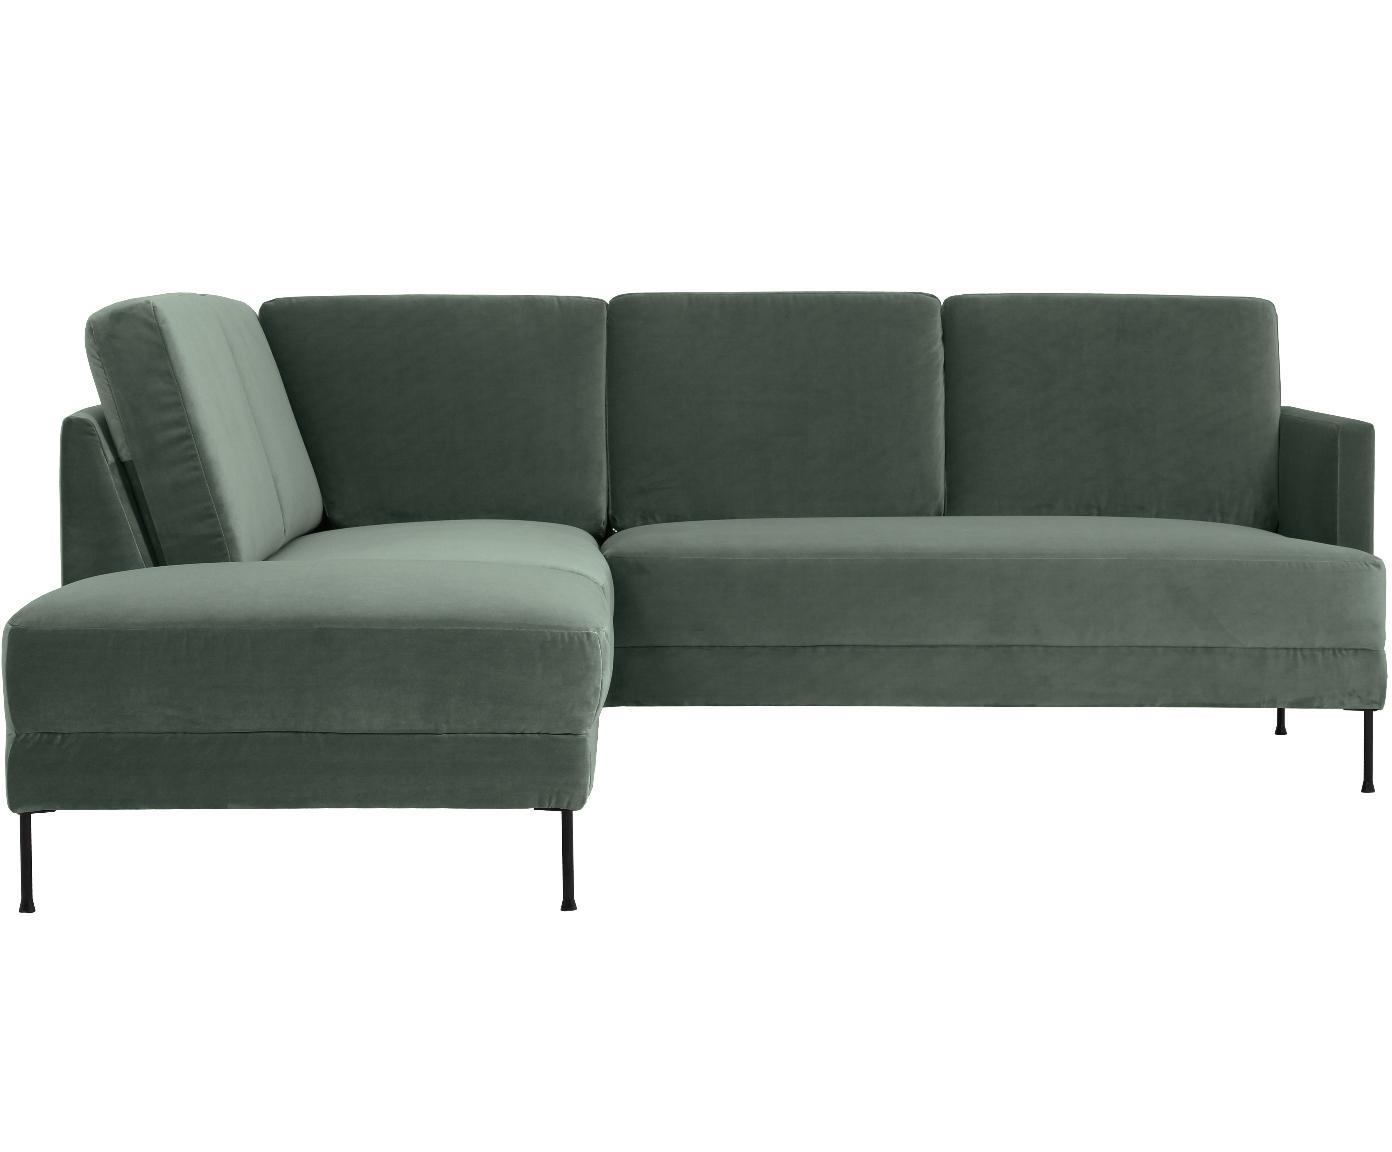 Sofa narożna z aksamitu Fluente, Tapicerka: aksamit (wysokiej jakości, Stelaż: lite drewno sosnowe, Nogi: metal lakierowany, Aksamitny zielony, S 221 x G 200 cm